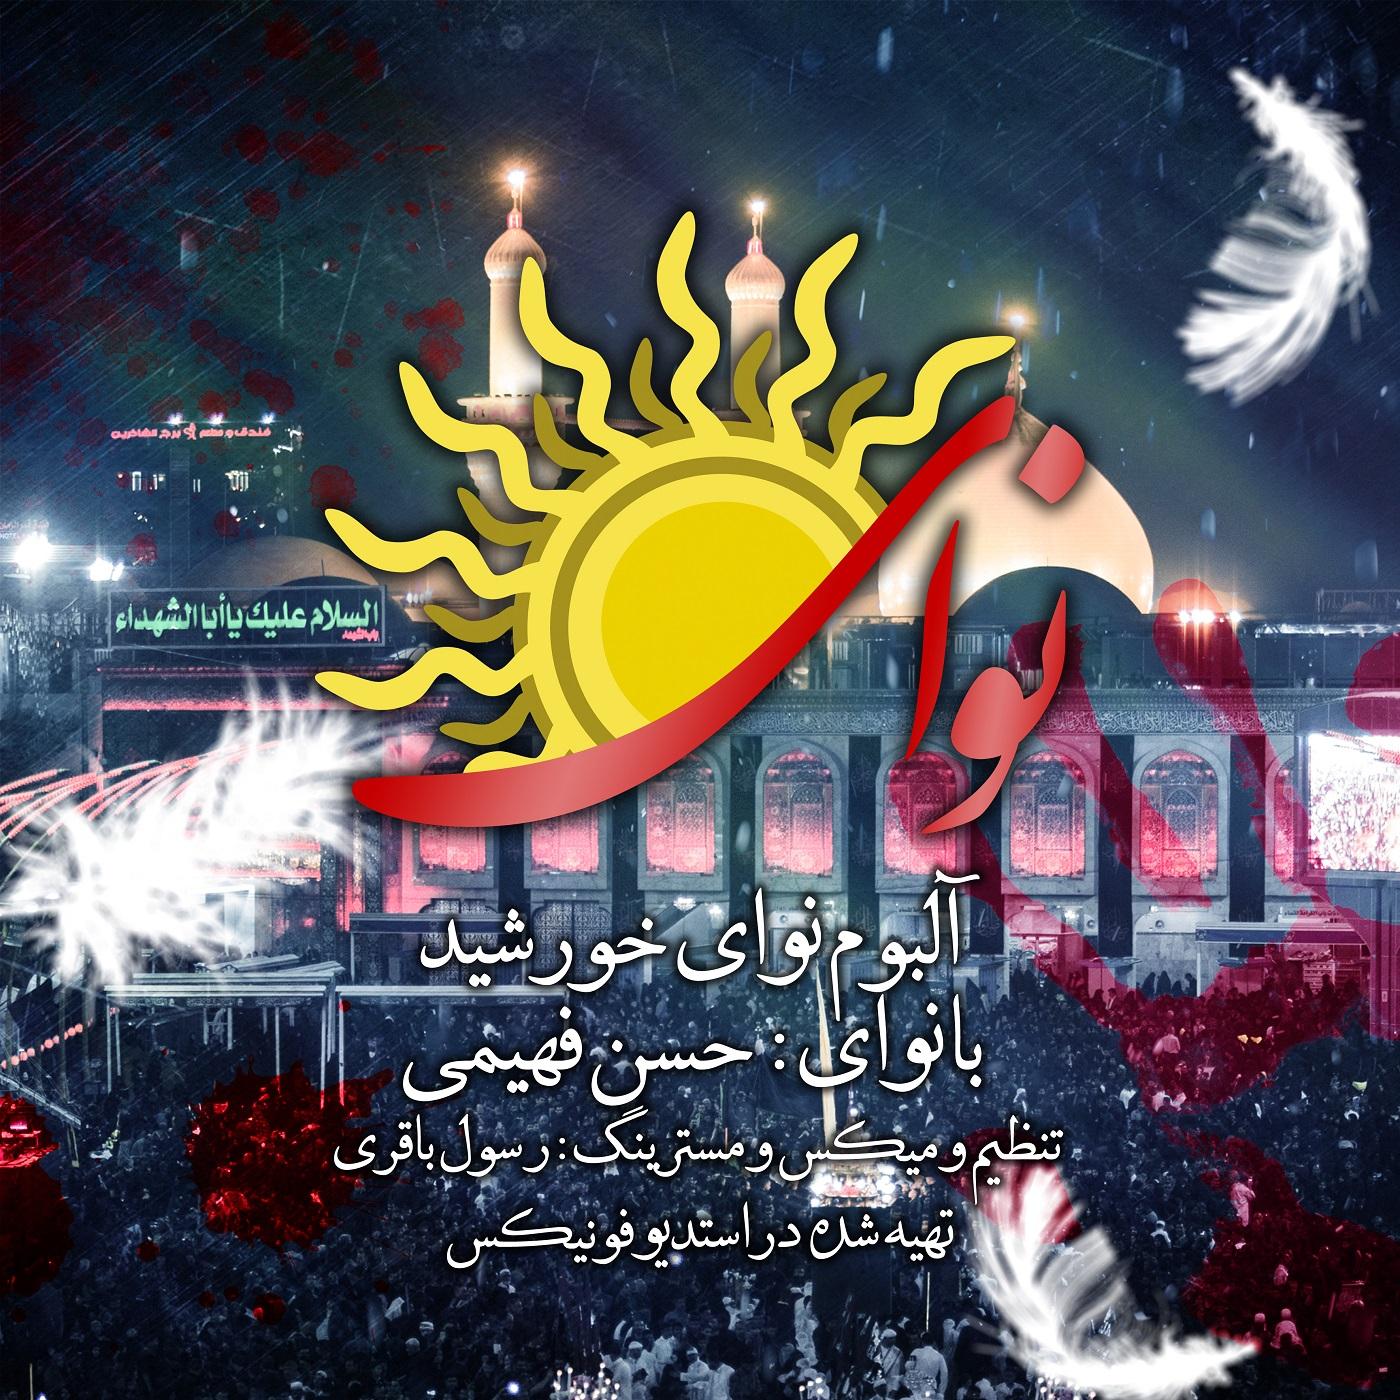 http://s5.picofile.com/file/8372186250/ArazMusic_98_IR.jpg